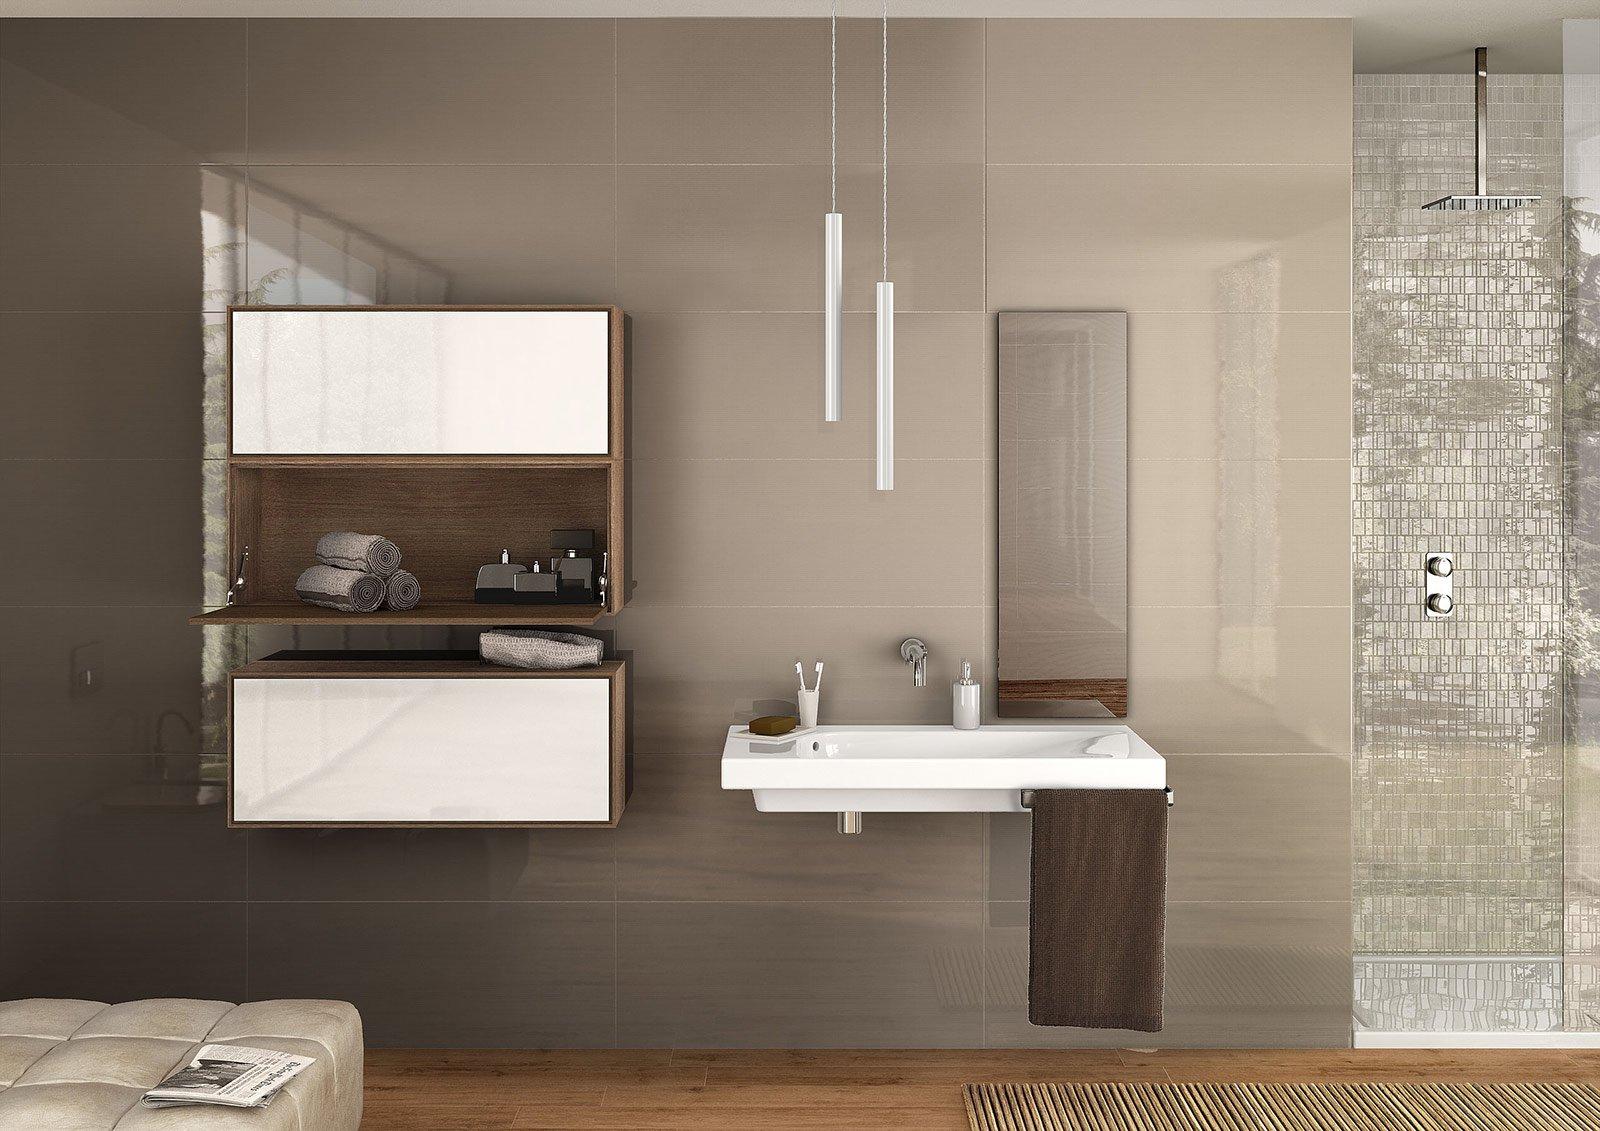 Tavolo pieghevole a muro ikea - Mobile bagno lavandino ...